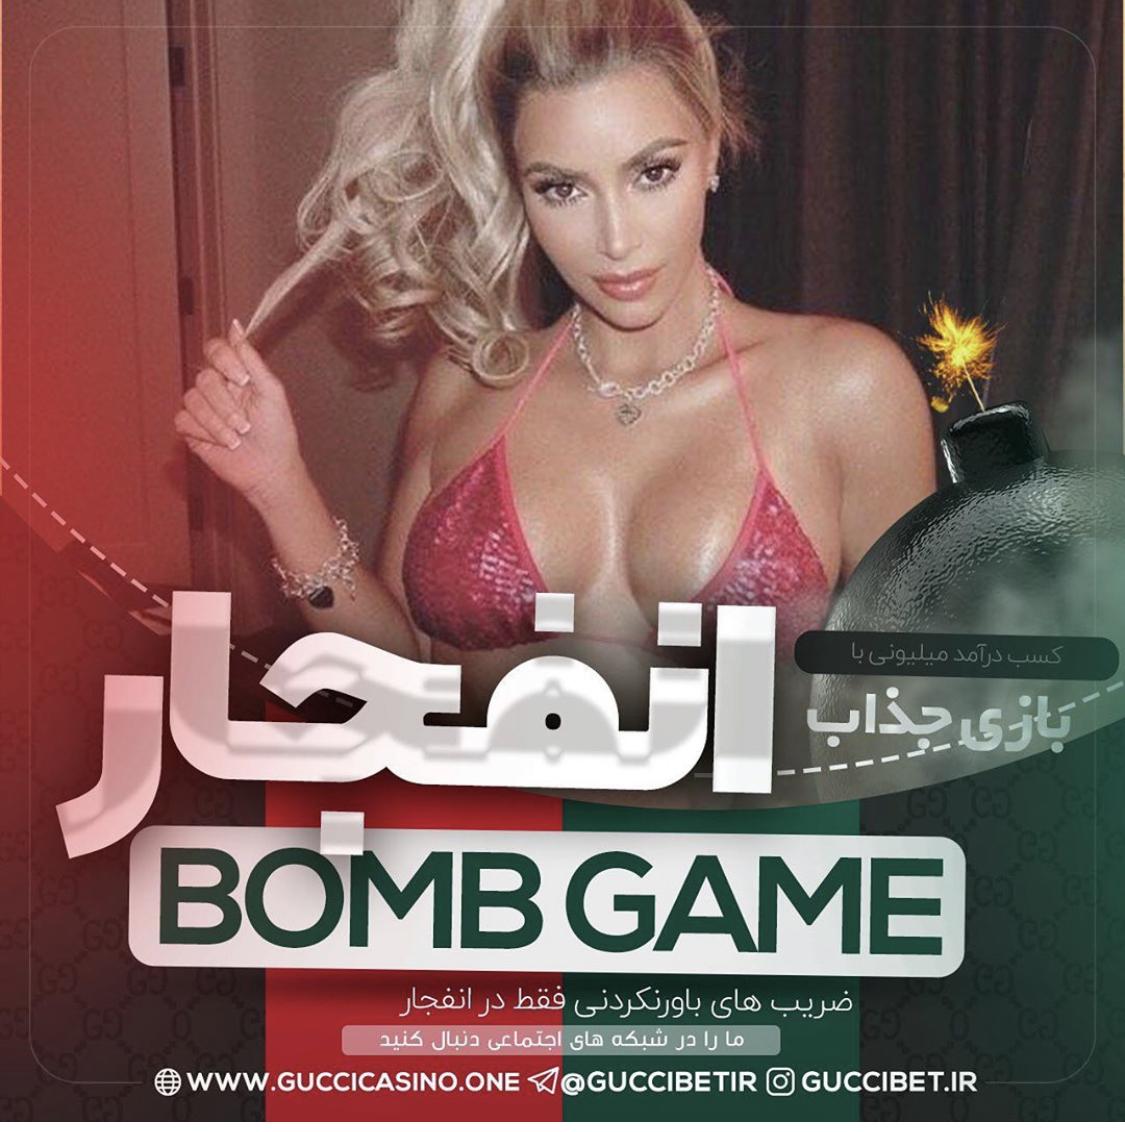 آیا بازی انفجار حرام است ؟ یا نه حکم شرعی بازی انفجار